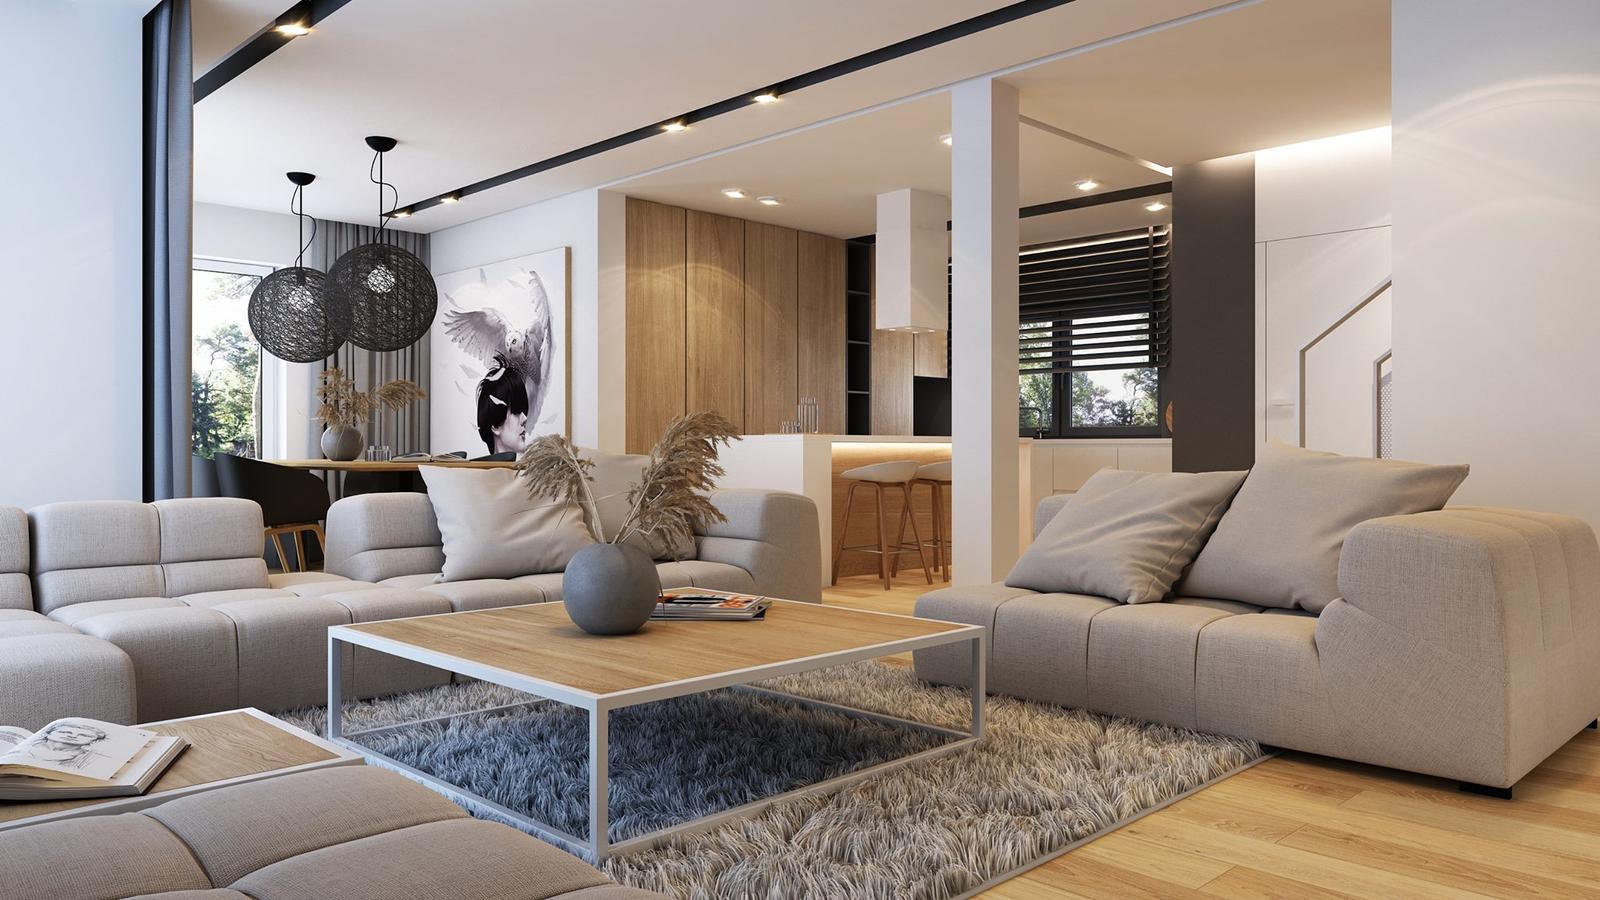 Moderné interiéry,v ktorých sa budete cítiť príjemne - Obrázok č. 70